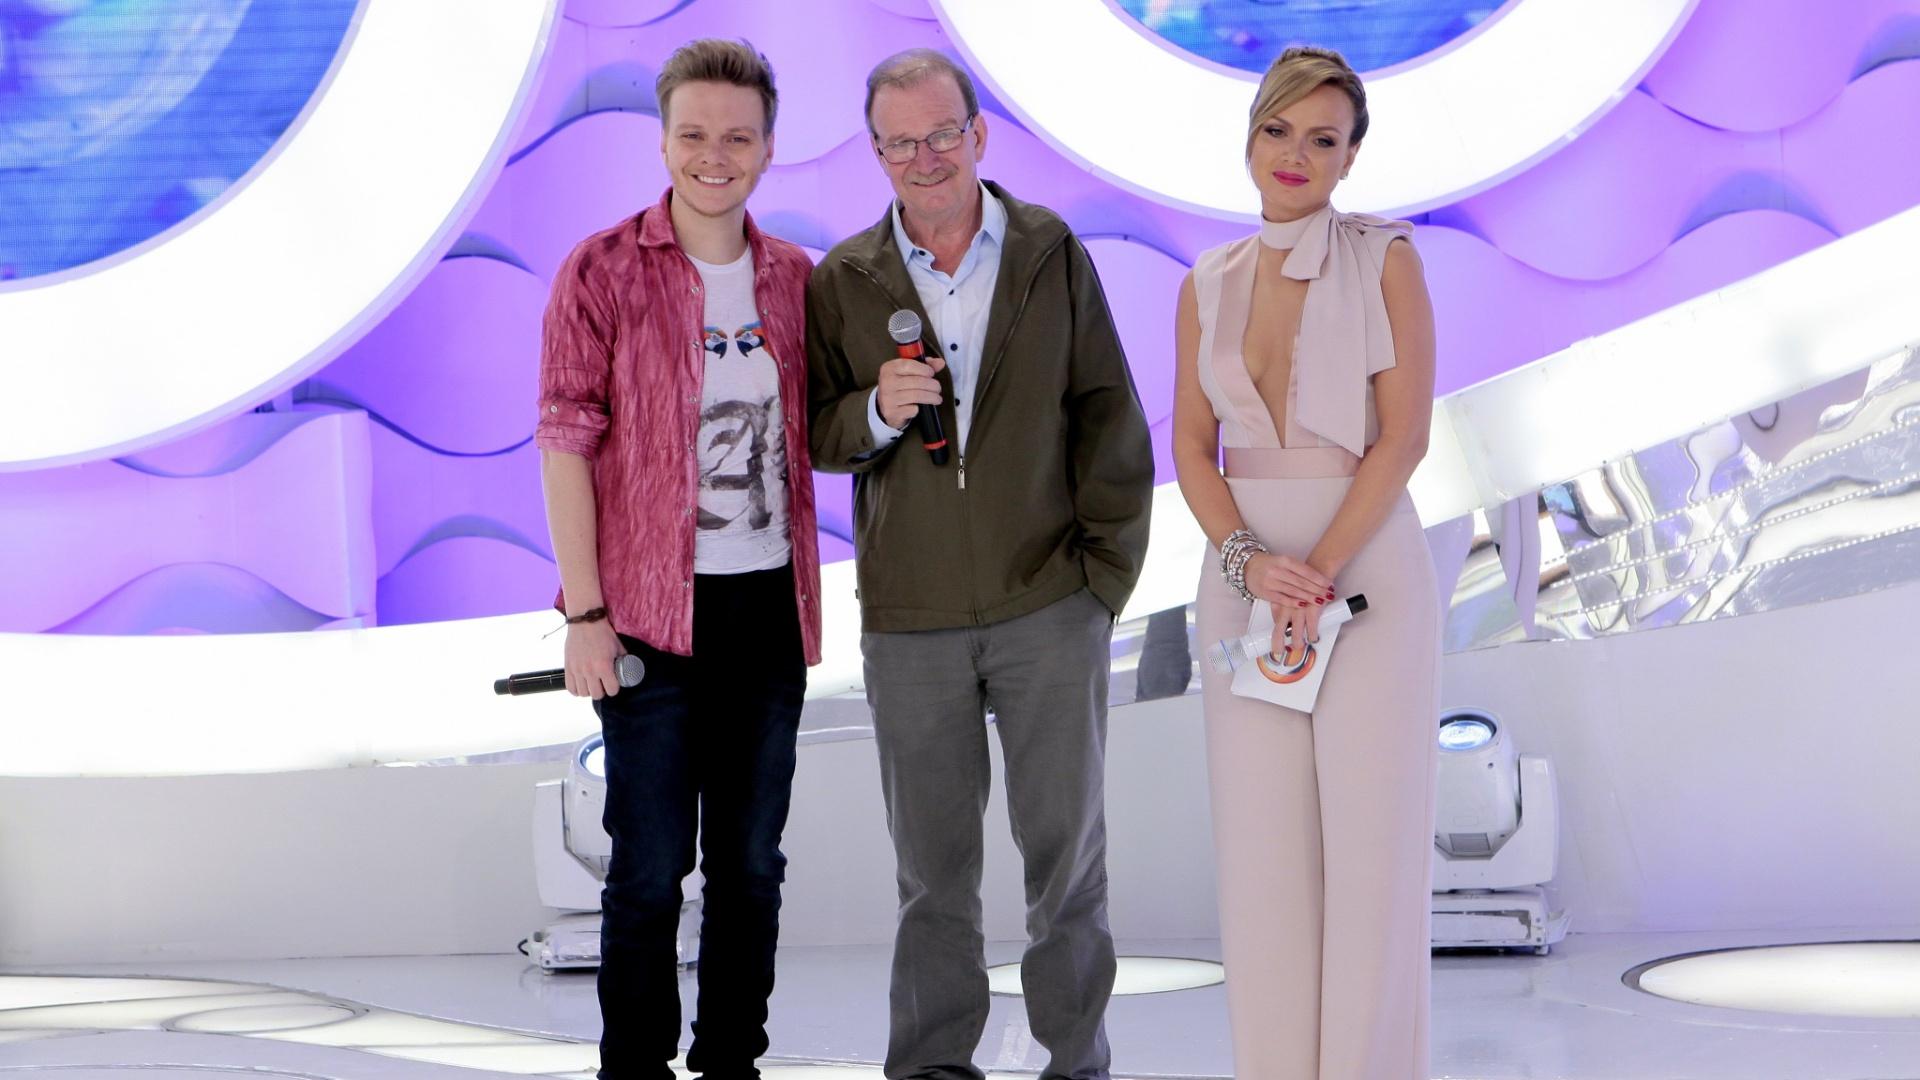 Eliana recebe Michel Teló no palco do SBT. O artista será alvo de uma homenagem, com depoimentos de familiares e amigos. O pai do cantor, Aldoir Teló, também participa do programa